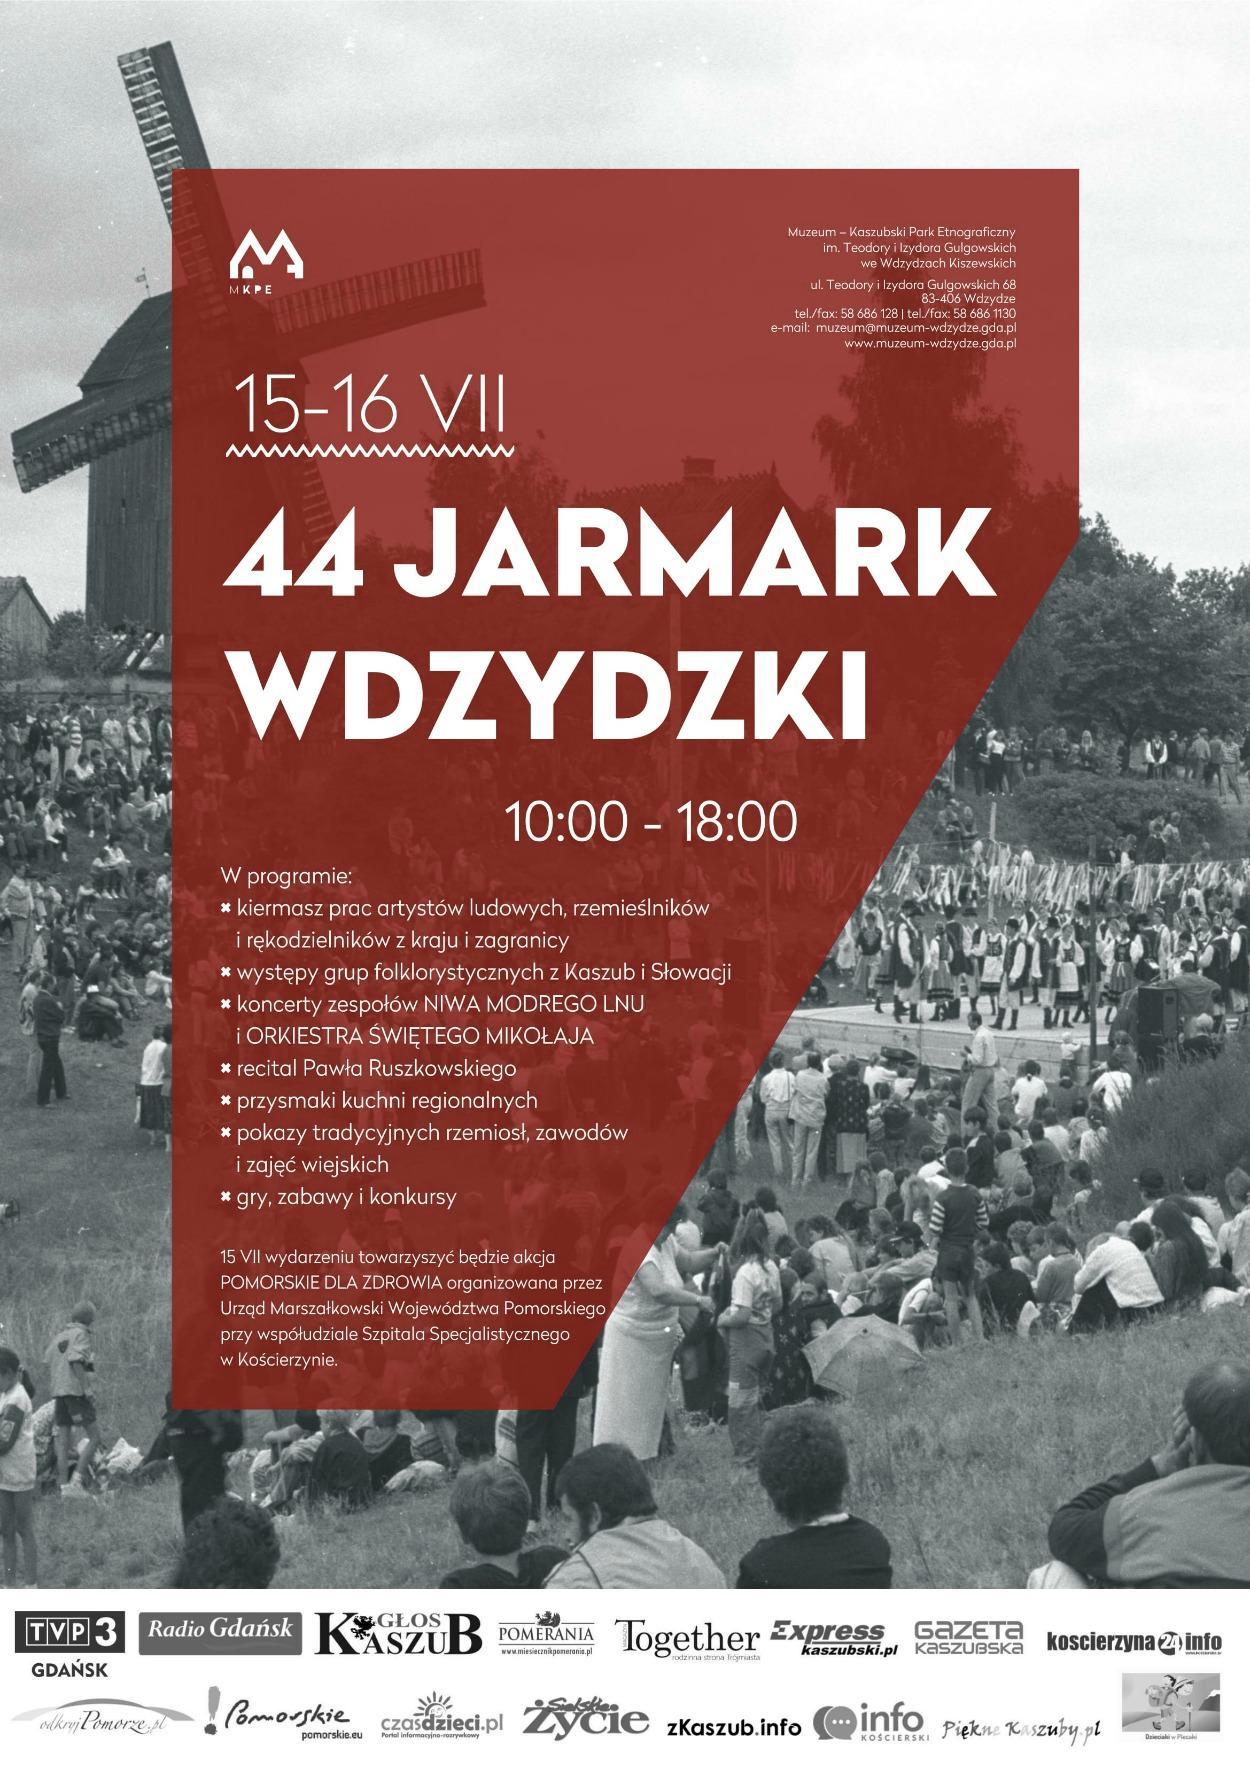 44. Jarmark Wdzydzki